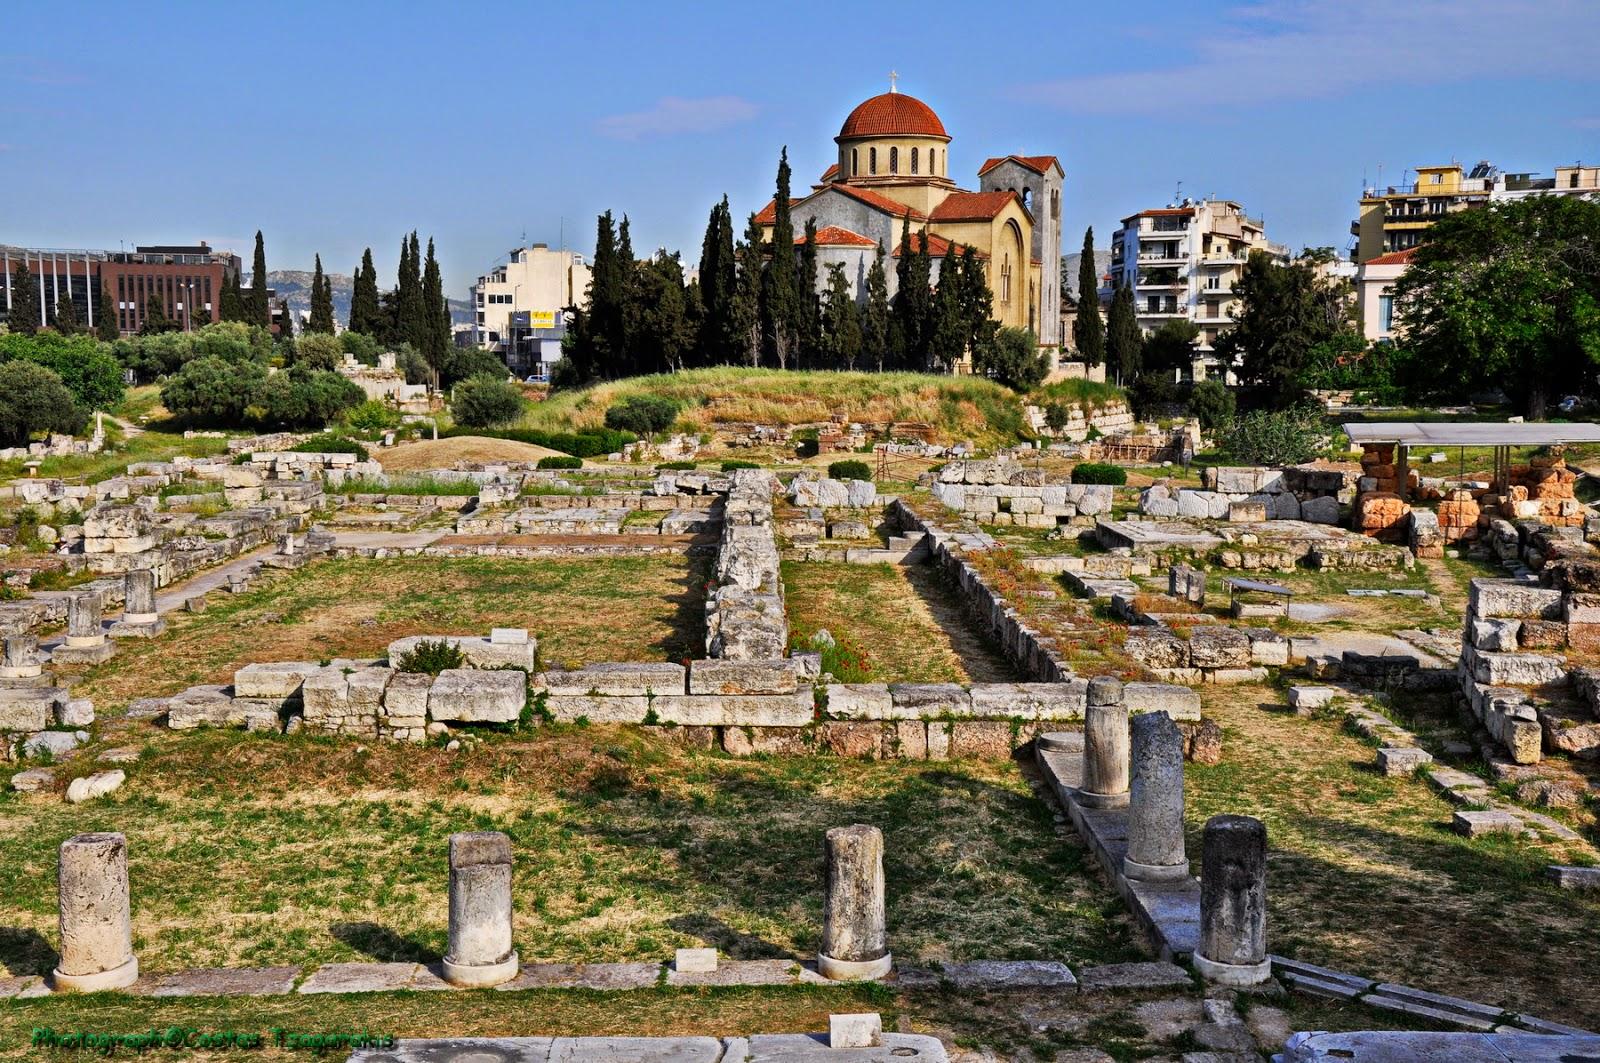 Αρχαίο νεκροταφείο Κεραμεικού